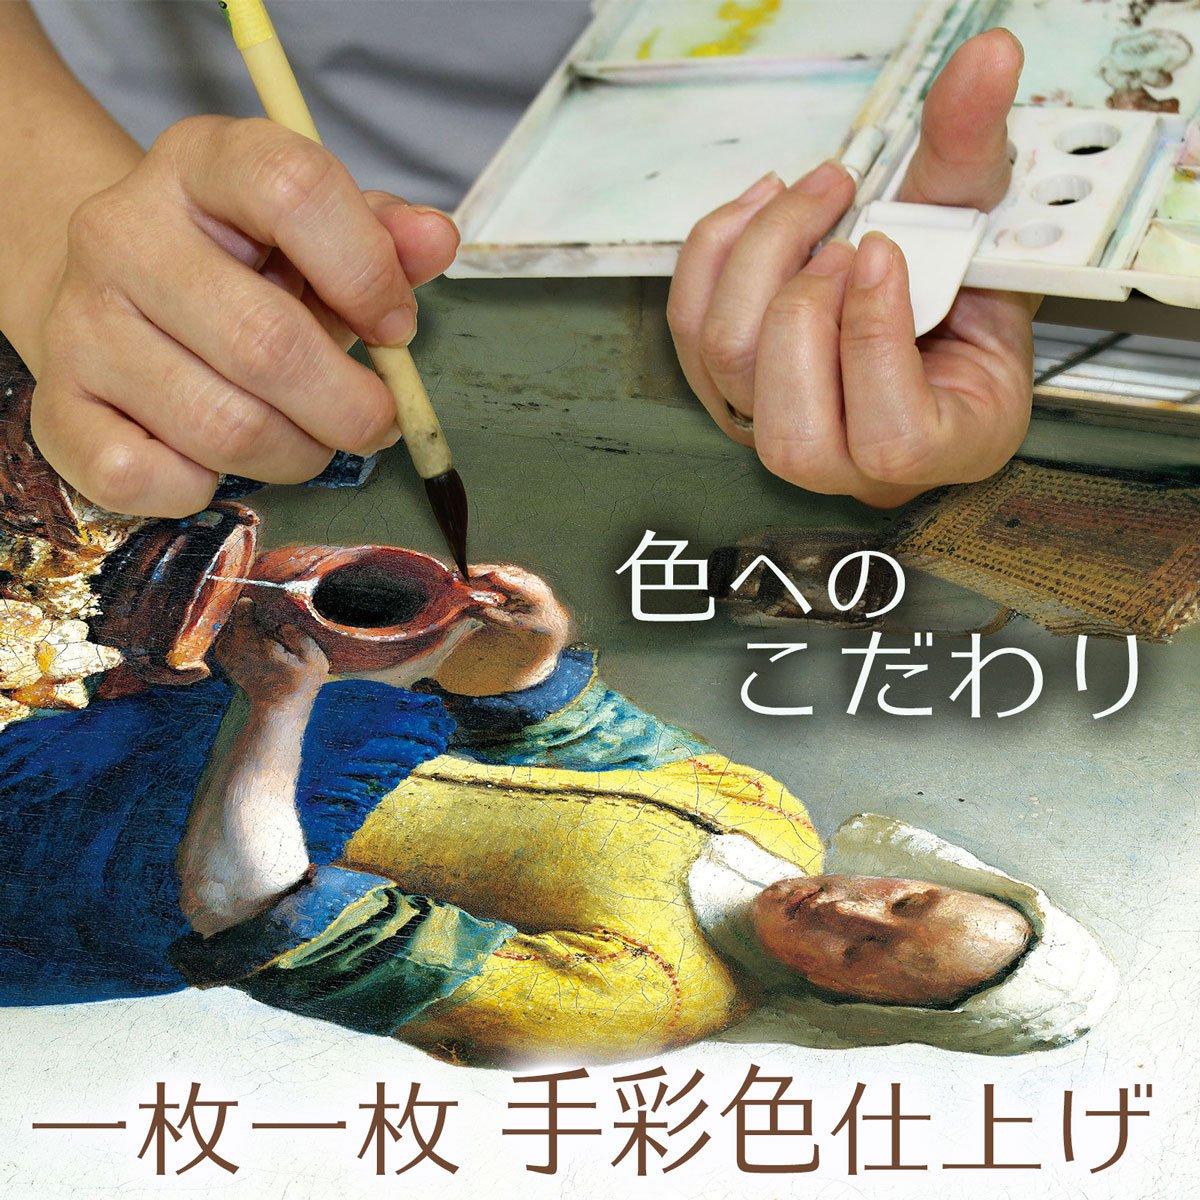 名画 油絵 サン・タドレスのテラス クロード モネ 手彩仕上 高精細巧芸画 Mサイズ